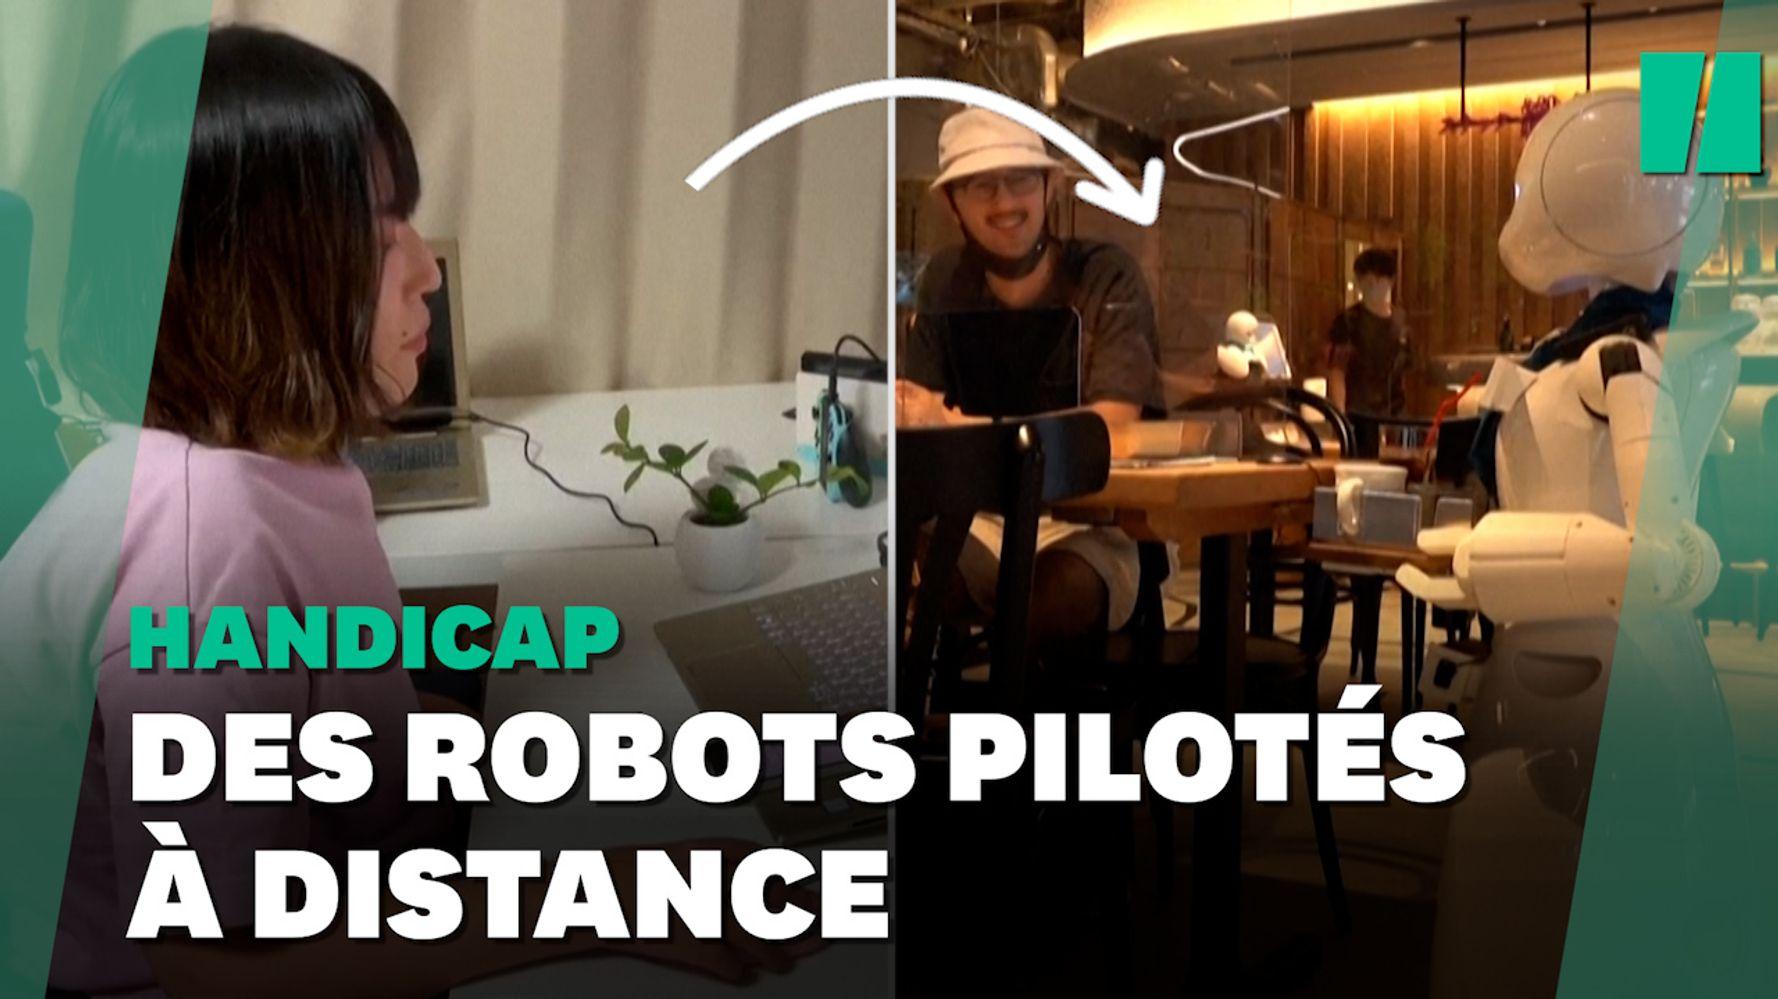 Ce café de Tokyo permet à ses employés handicapés de télétravailler grâce à des robots